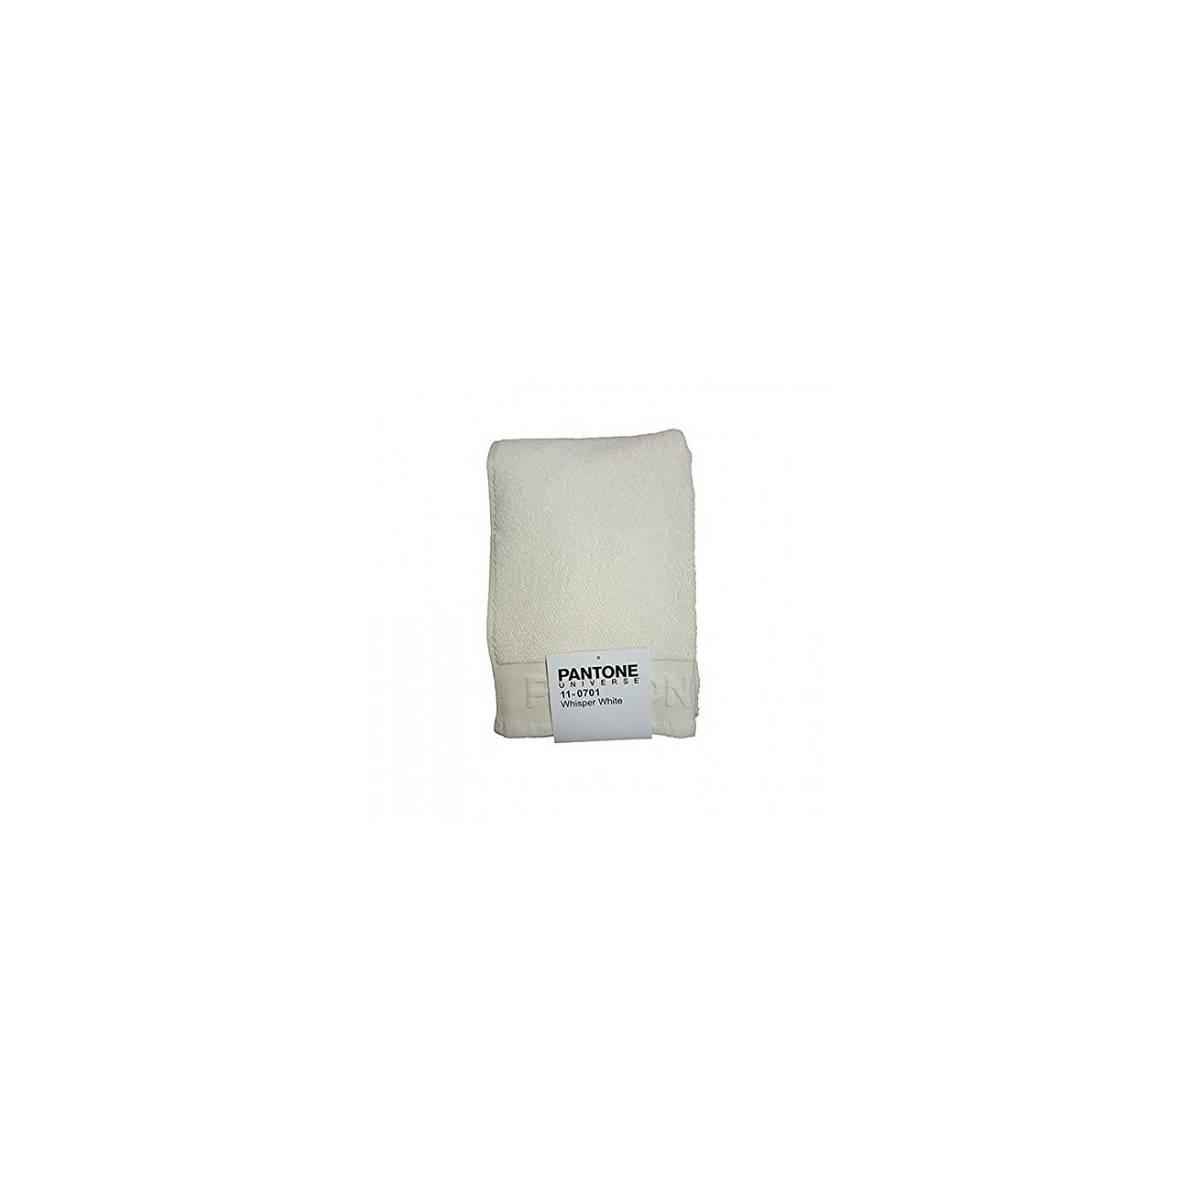 Pantone - Serviette de Bain en Coton - 70 x 140 cm